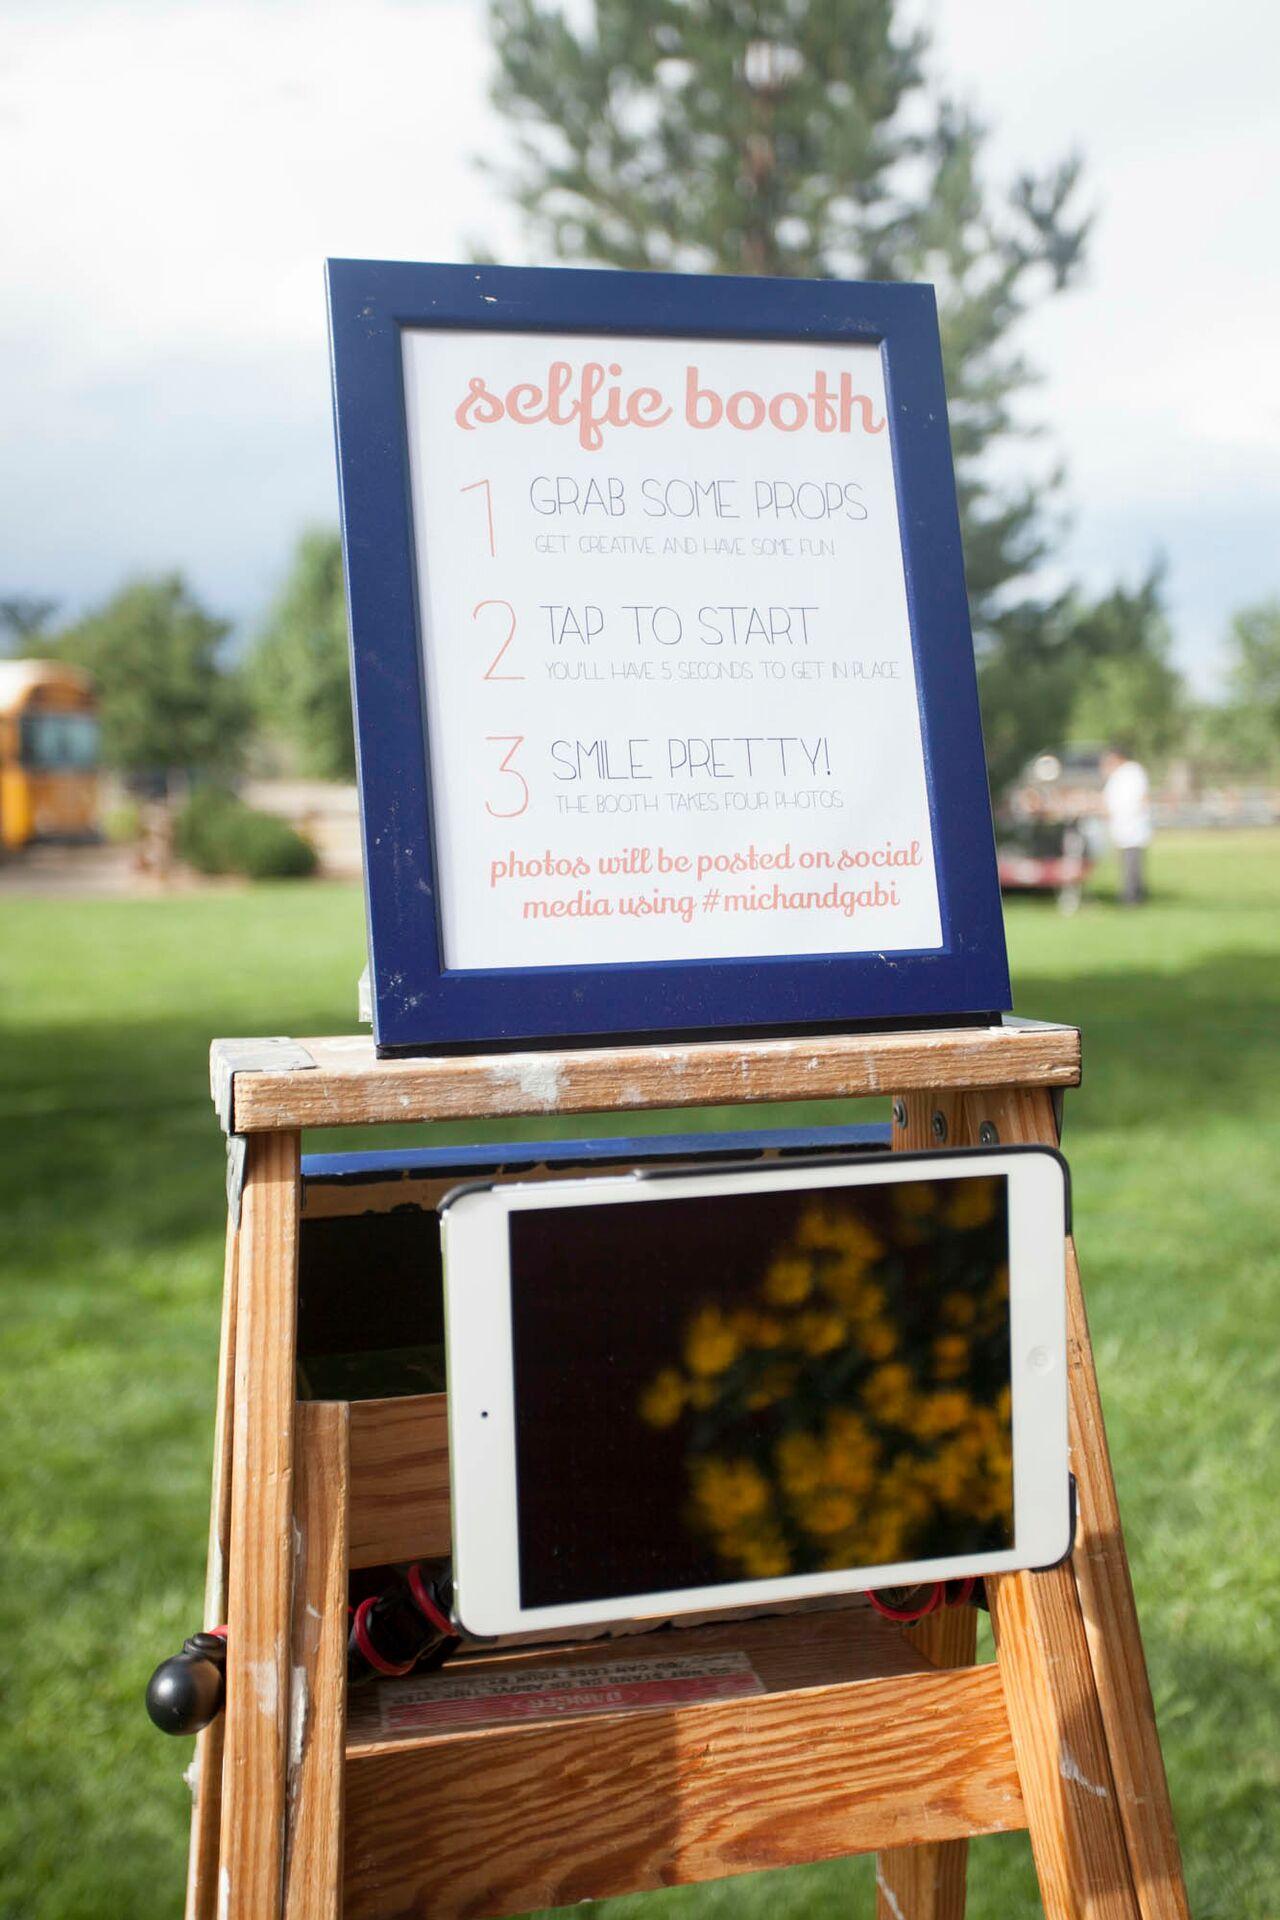 Photobooth maken met een tablet